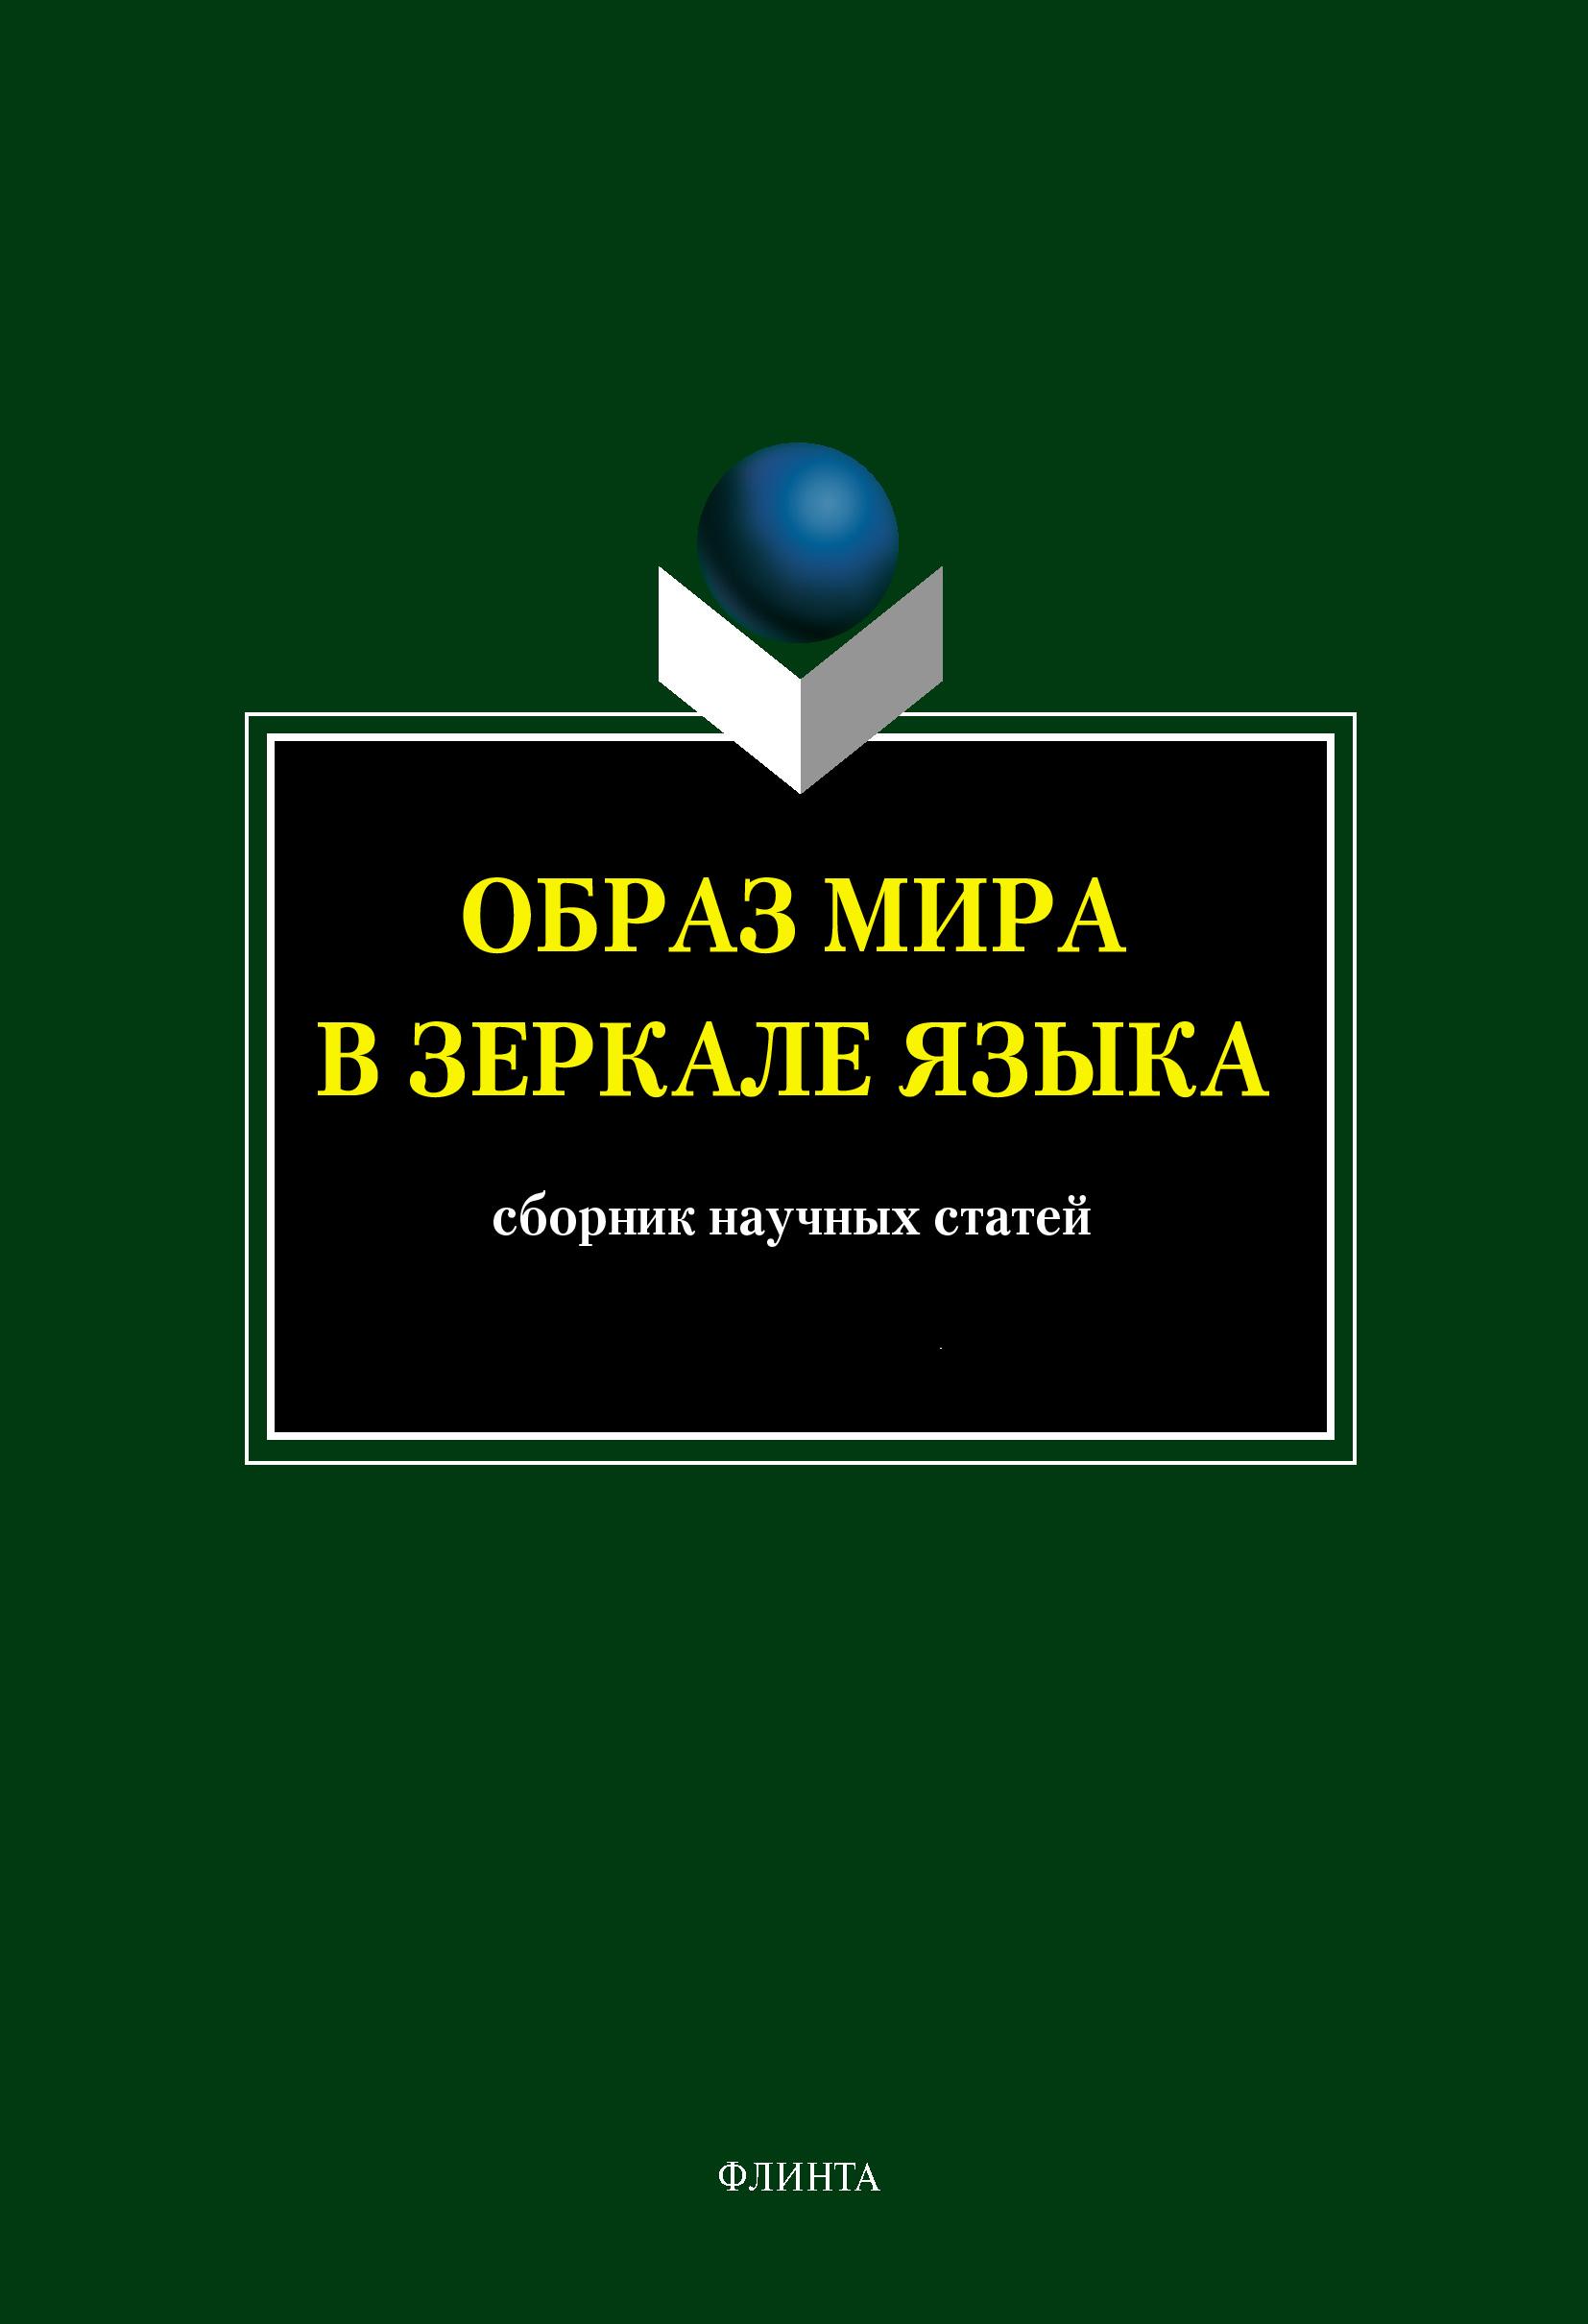 Сборник статей Образ мира в зеркале языка в сто первом зеркале